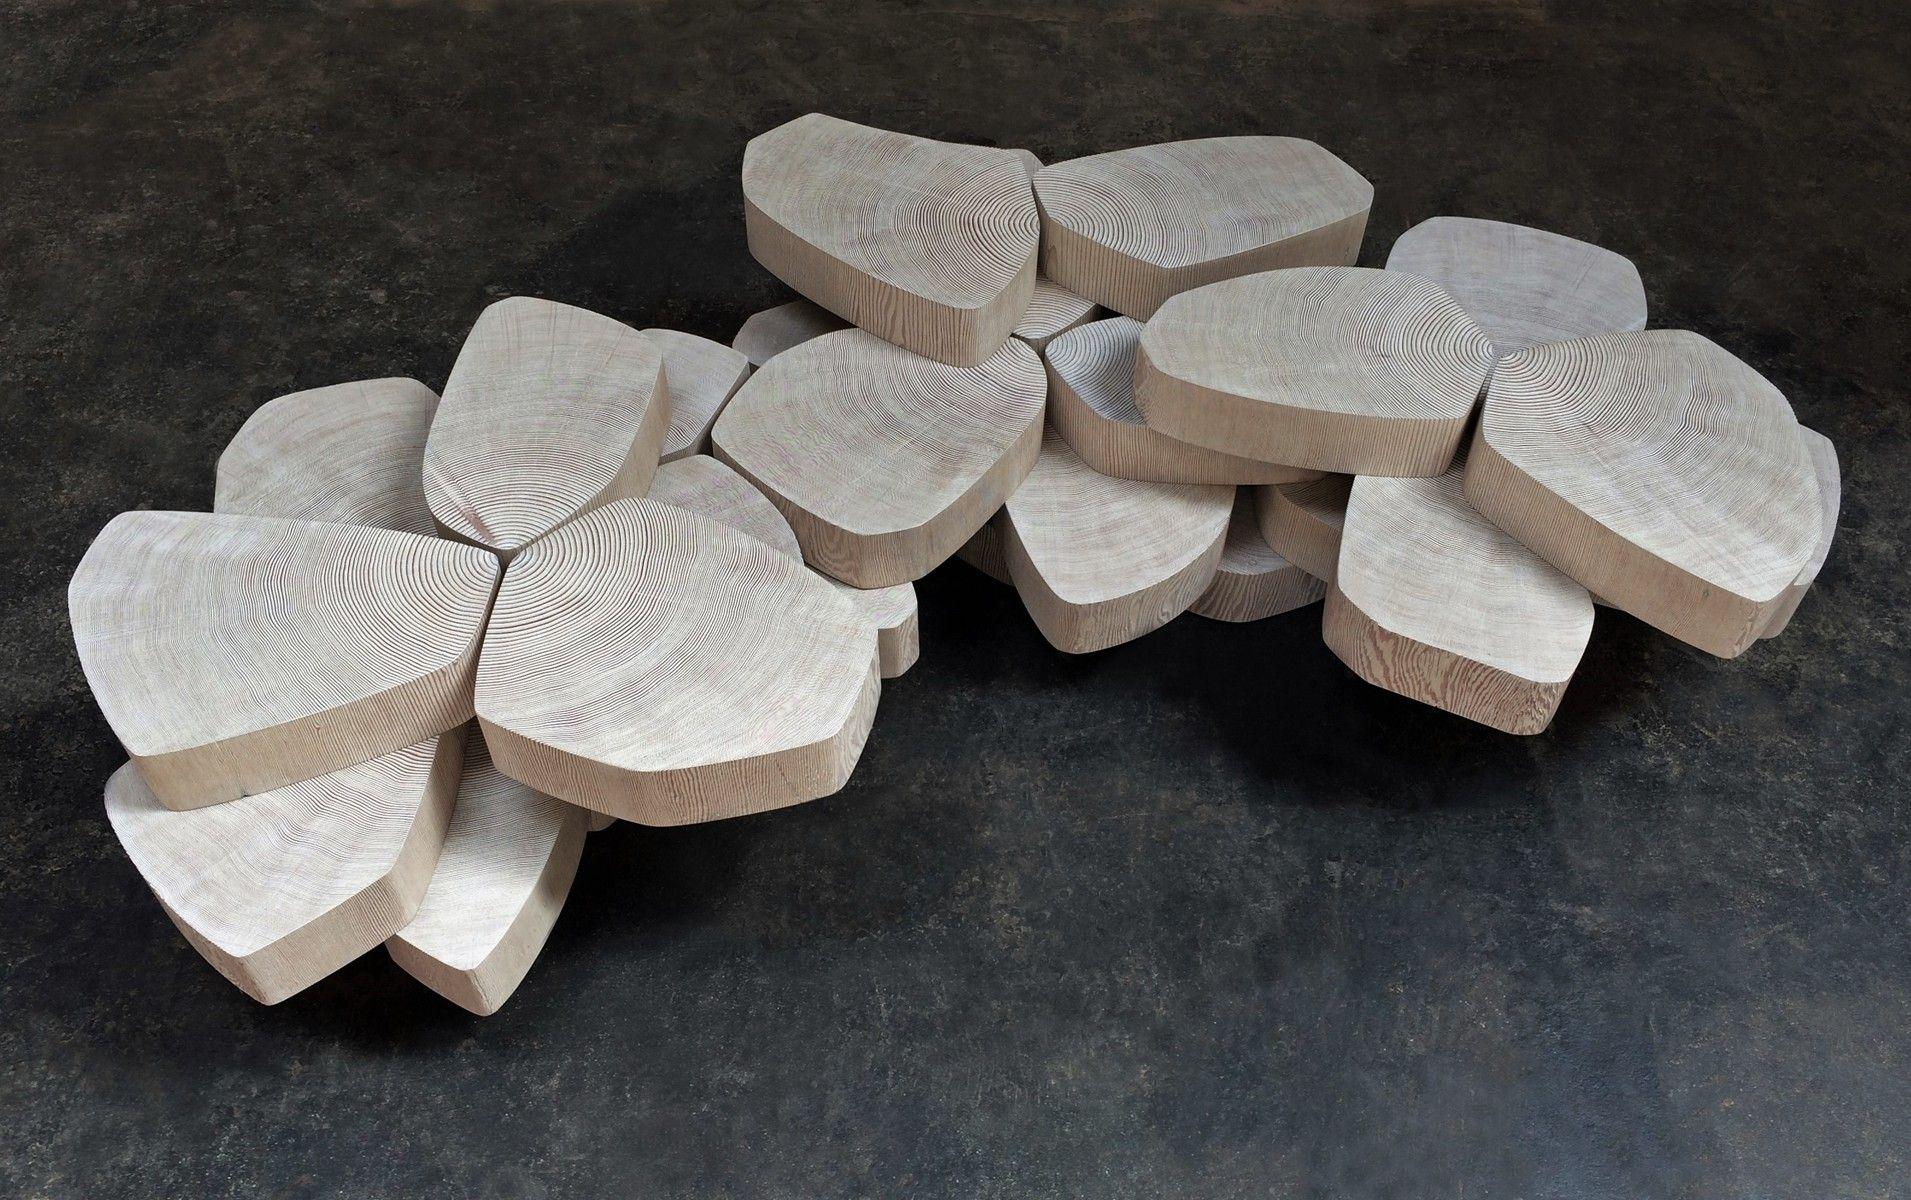 16e10da0c5098775d608f06469bec3c1 Impressionnant De Tables Basses Roche Bobois Des Idées